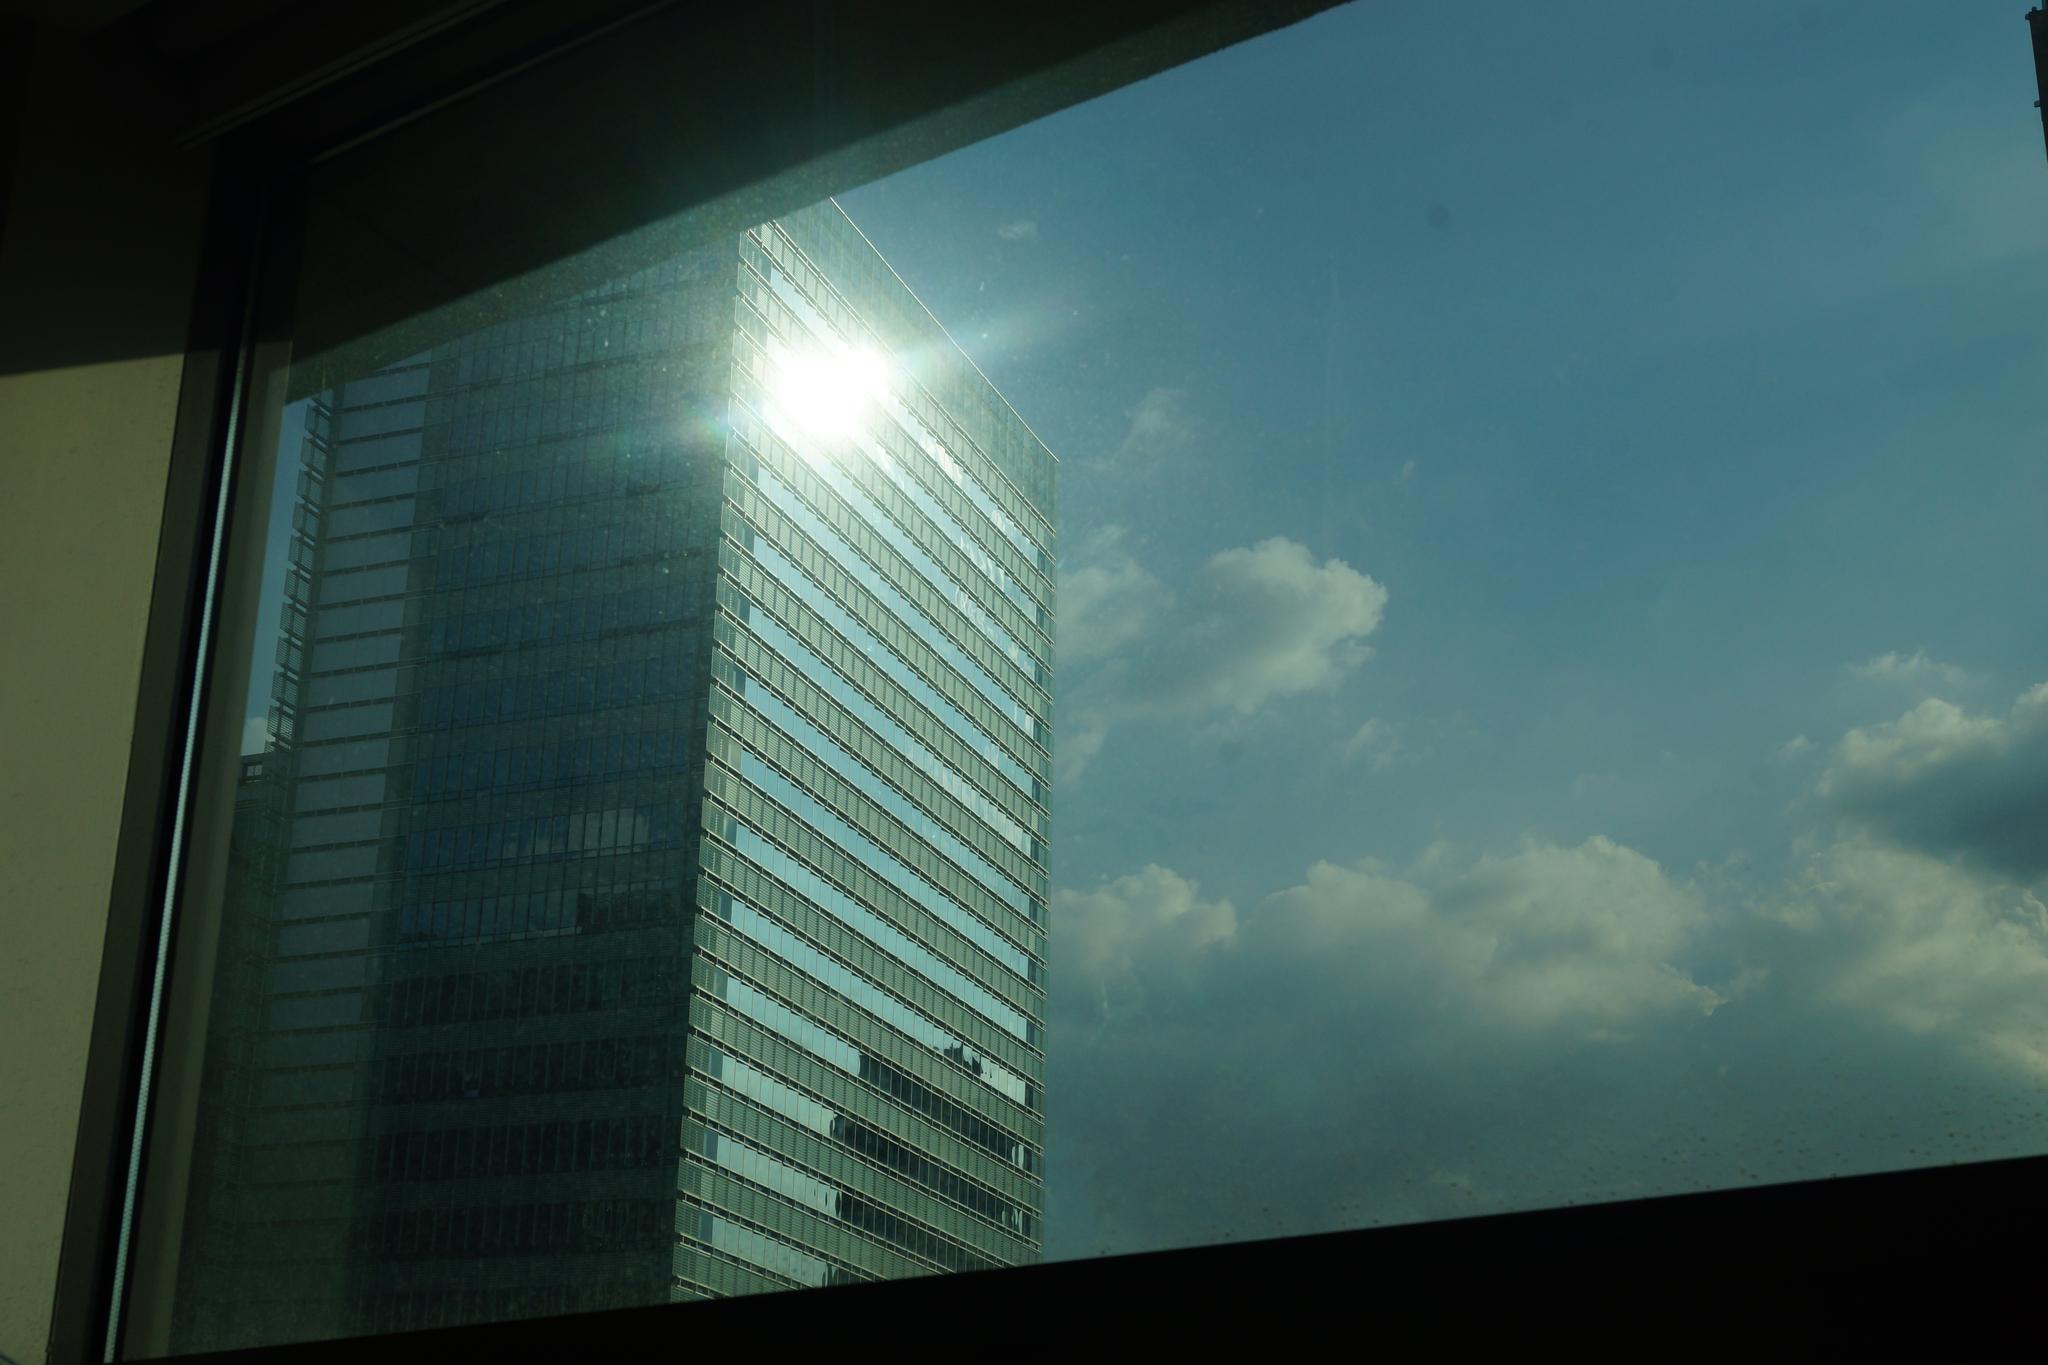 건물 유리창에 반사되는 태양광. 강찬수 기자